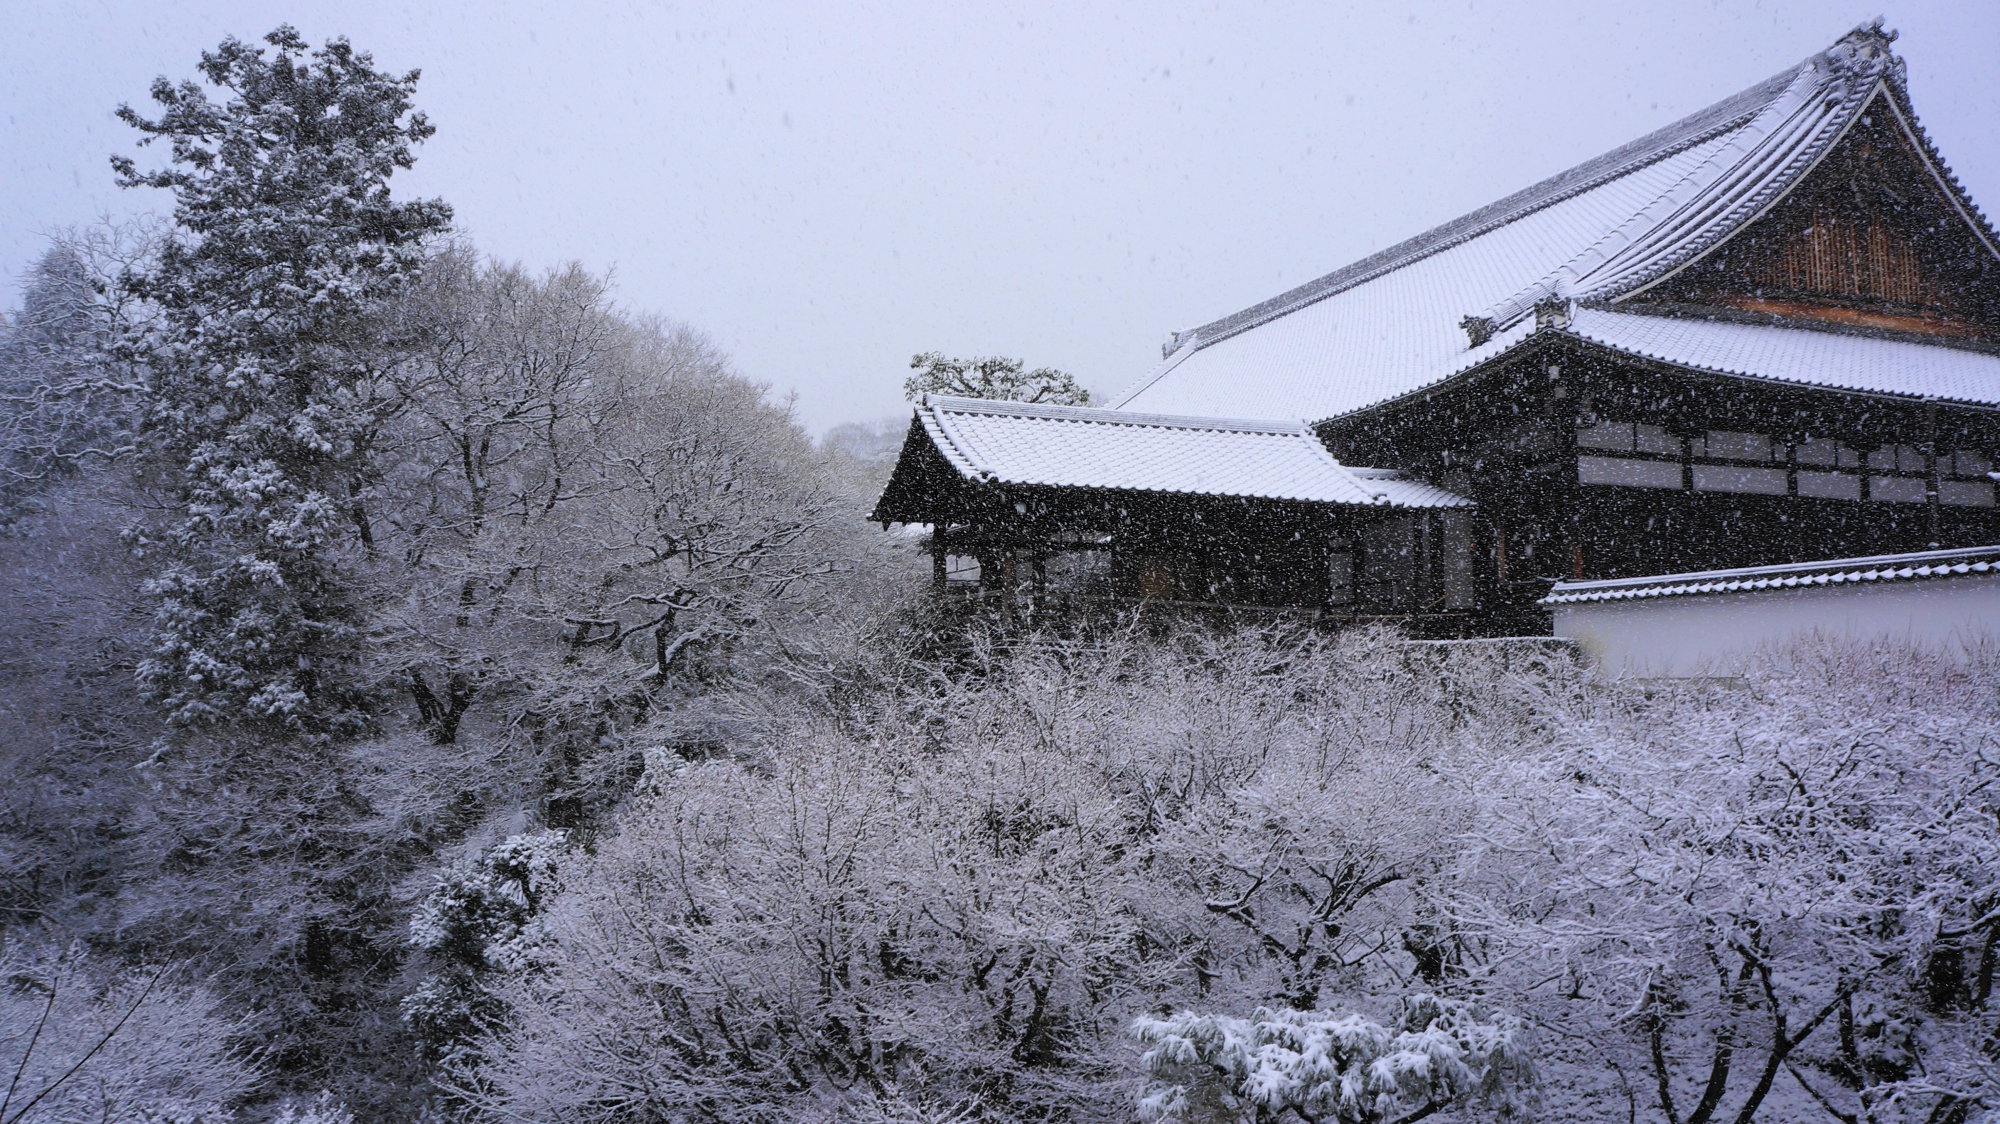 通天橋から眺めた方丈の雪景色